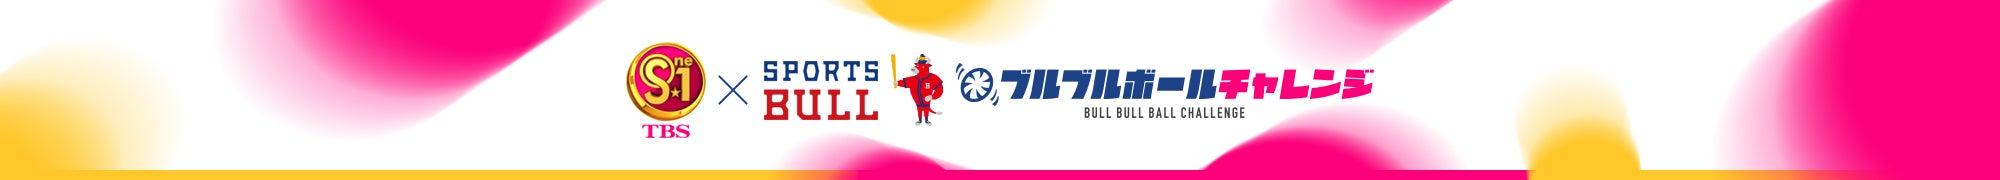 TBS S-1× SPORTS BULL 特別企画「ブルブルボールチャレンジ」日本一美しい野球女子・坪井ミサトがキャンプ地を訪れ、プロ野球選手と対決する。プロ野球選手から三振を取る…